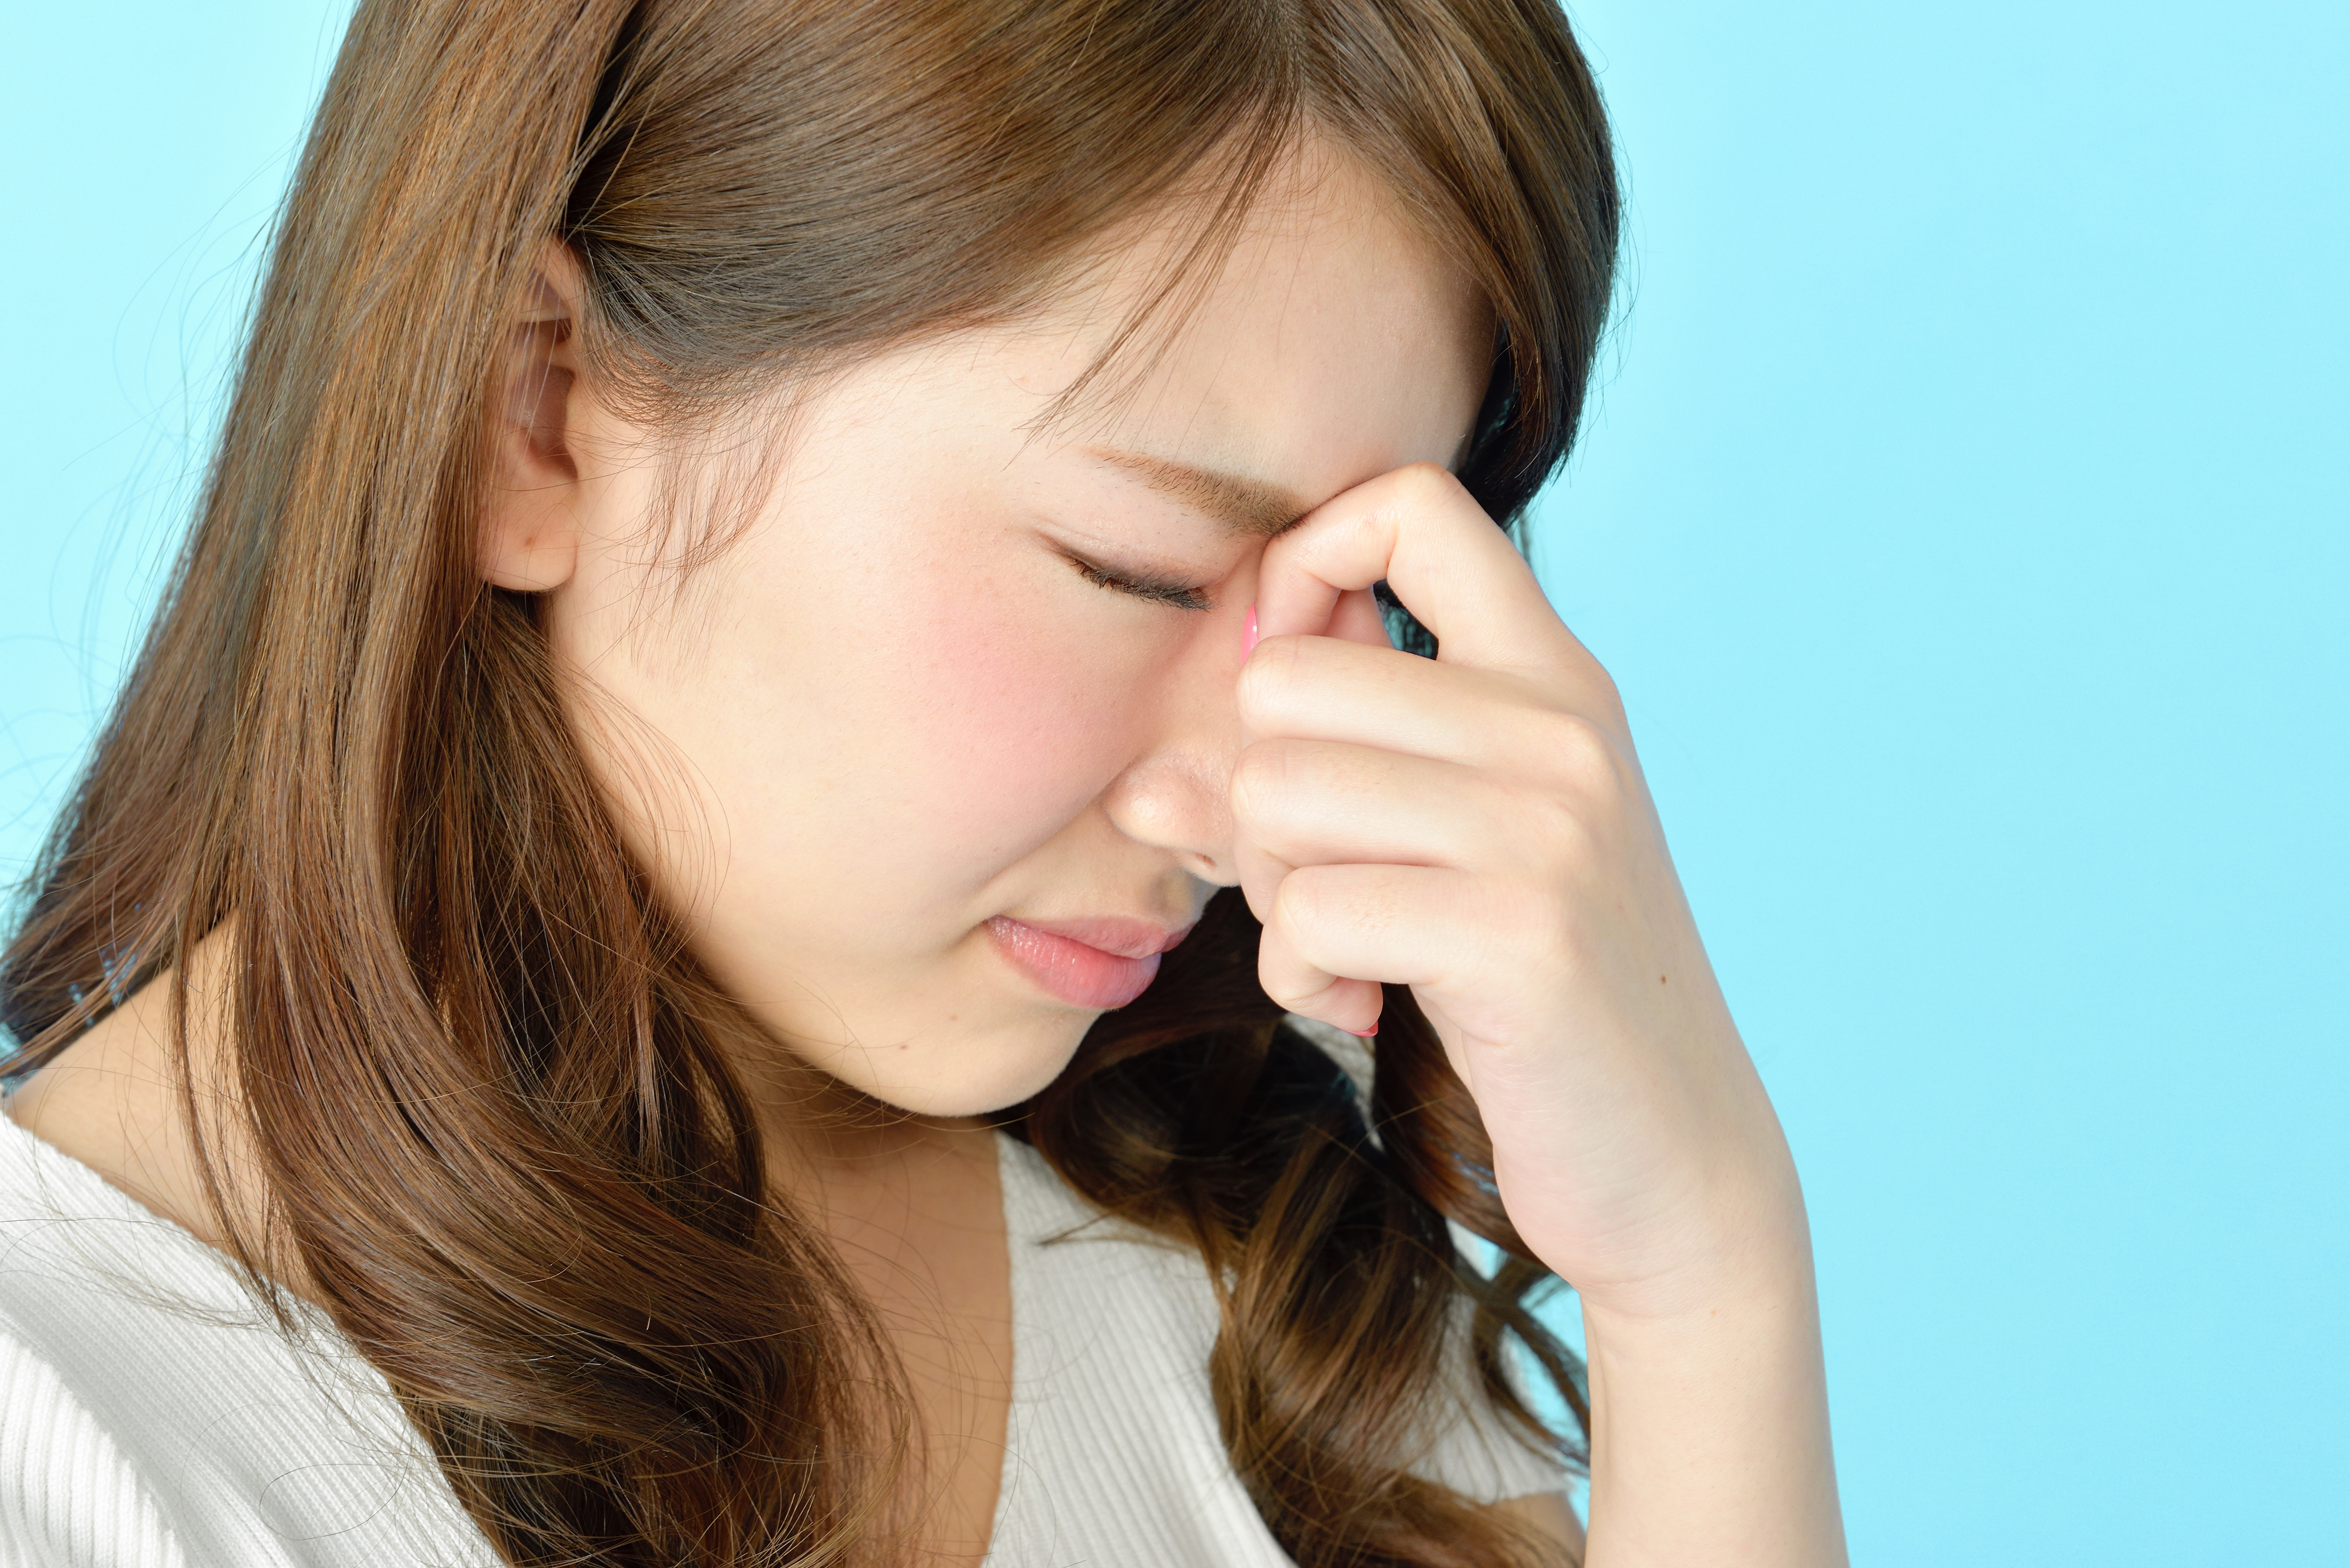 匂い 蓄膿症